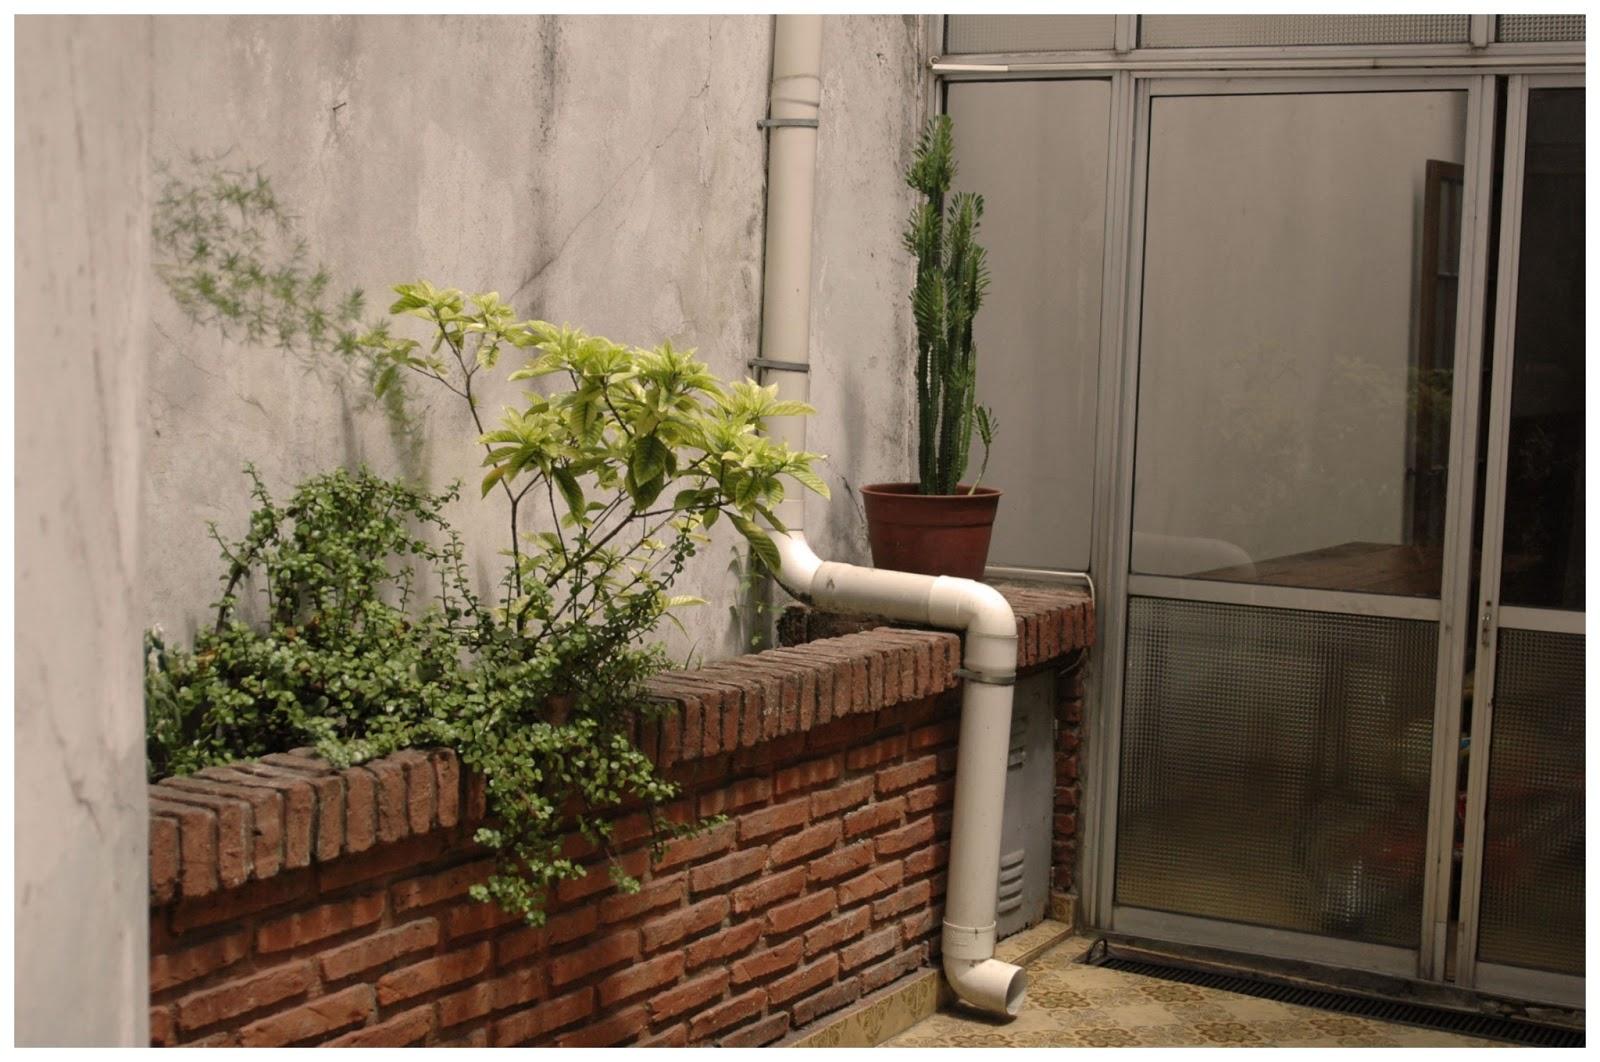 Venta de gran casa en la plata patio externo lavadero y for Lavadero para patio